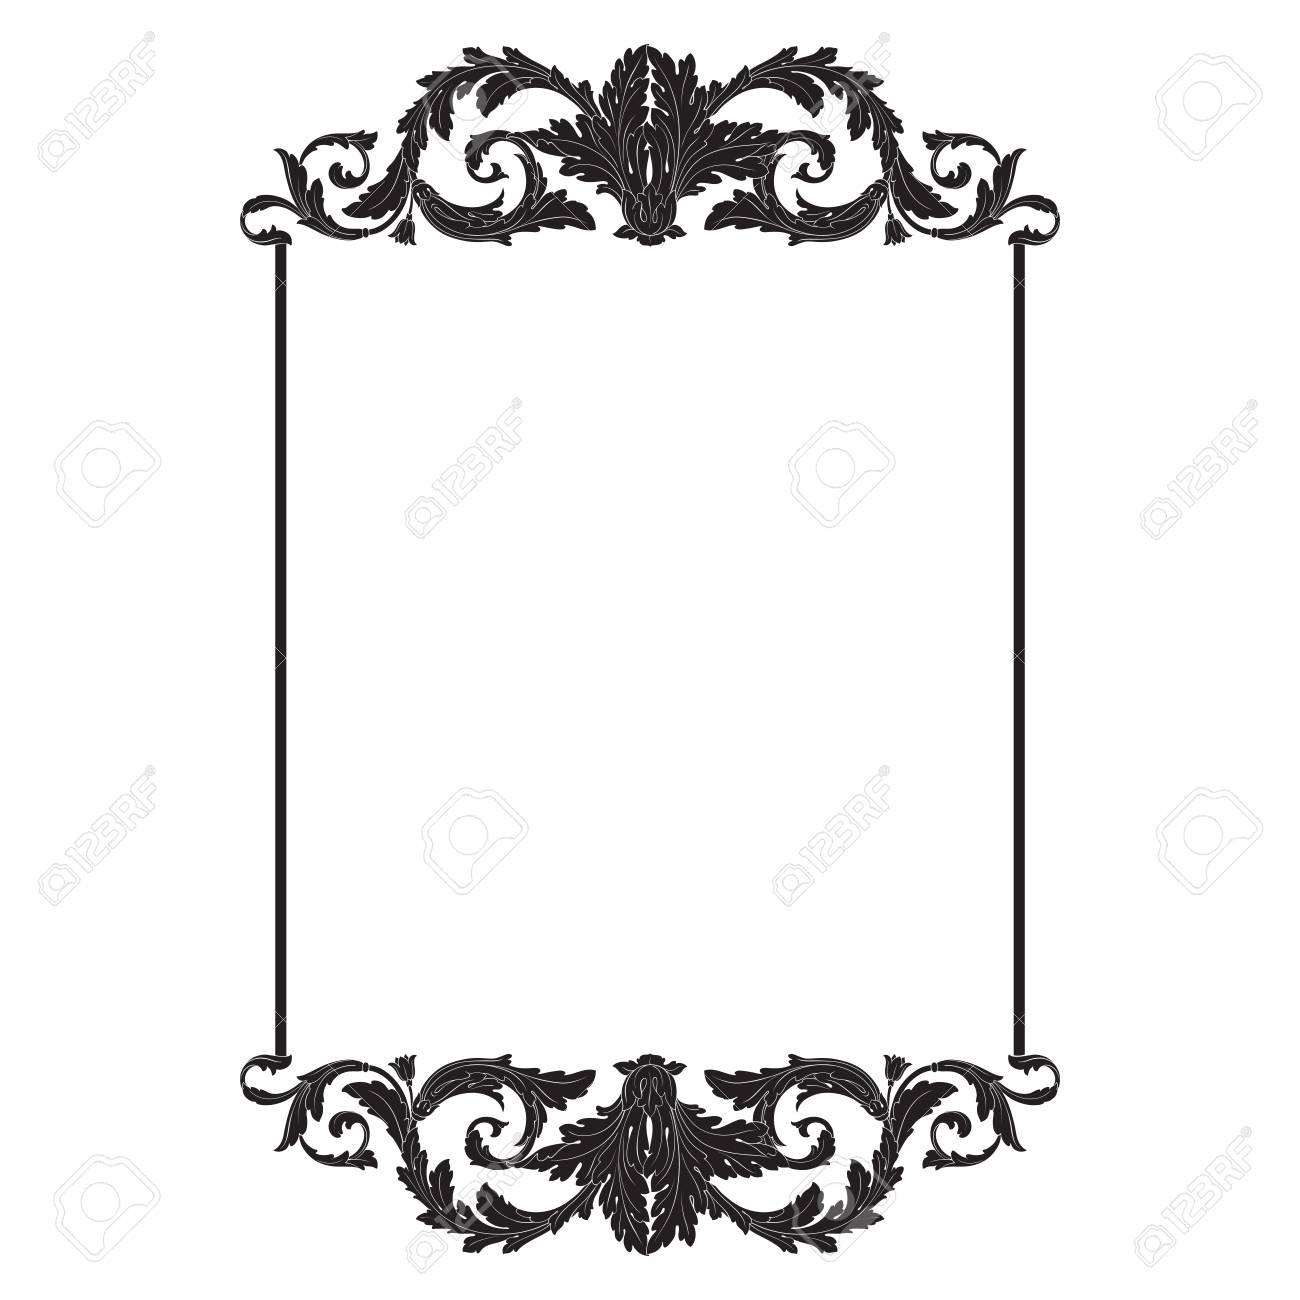 Vintage baroque frame scroll ornament engraving border floral...